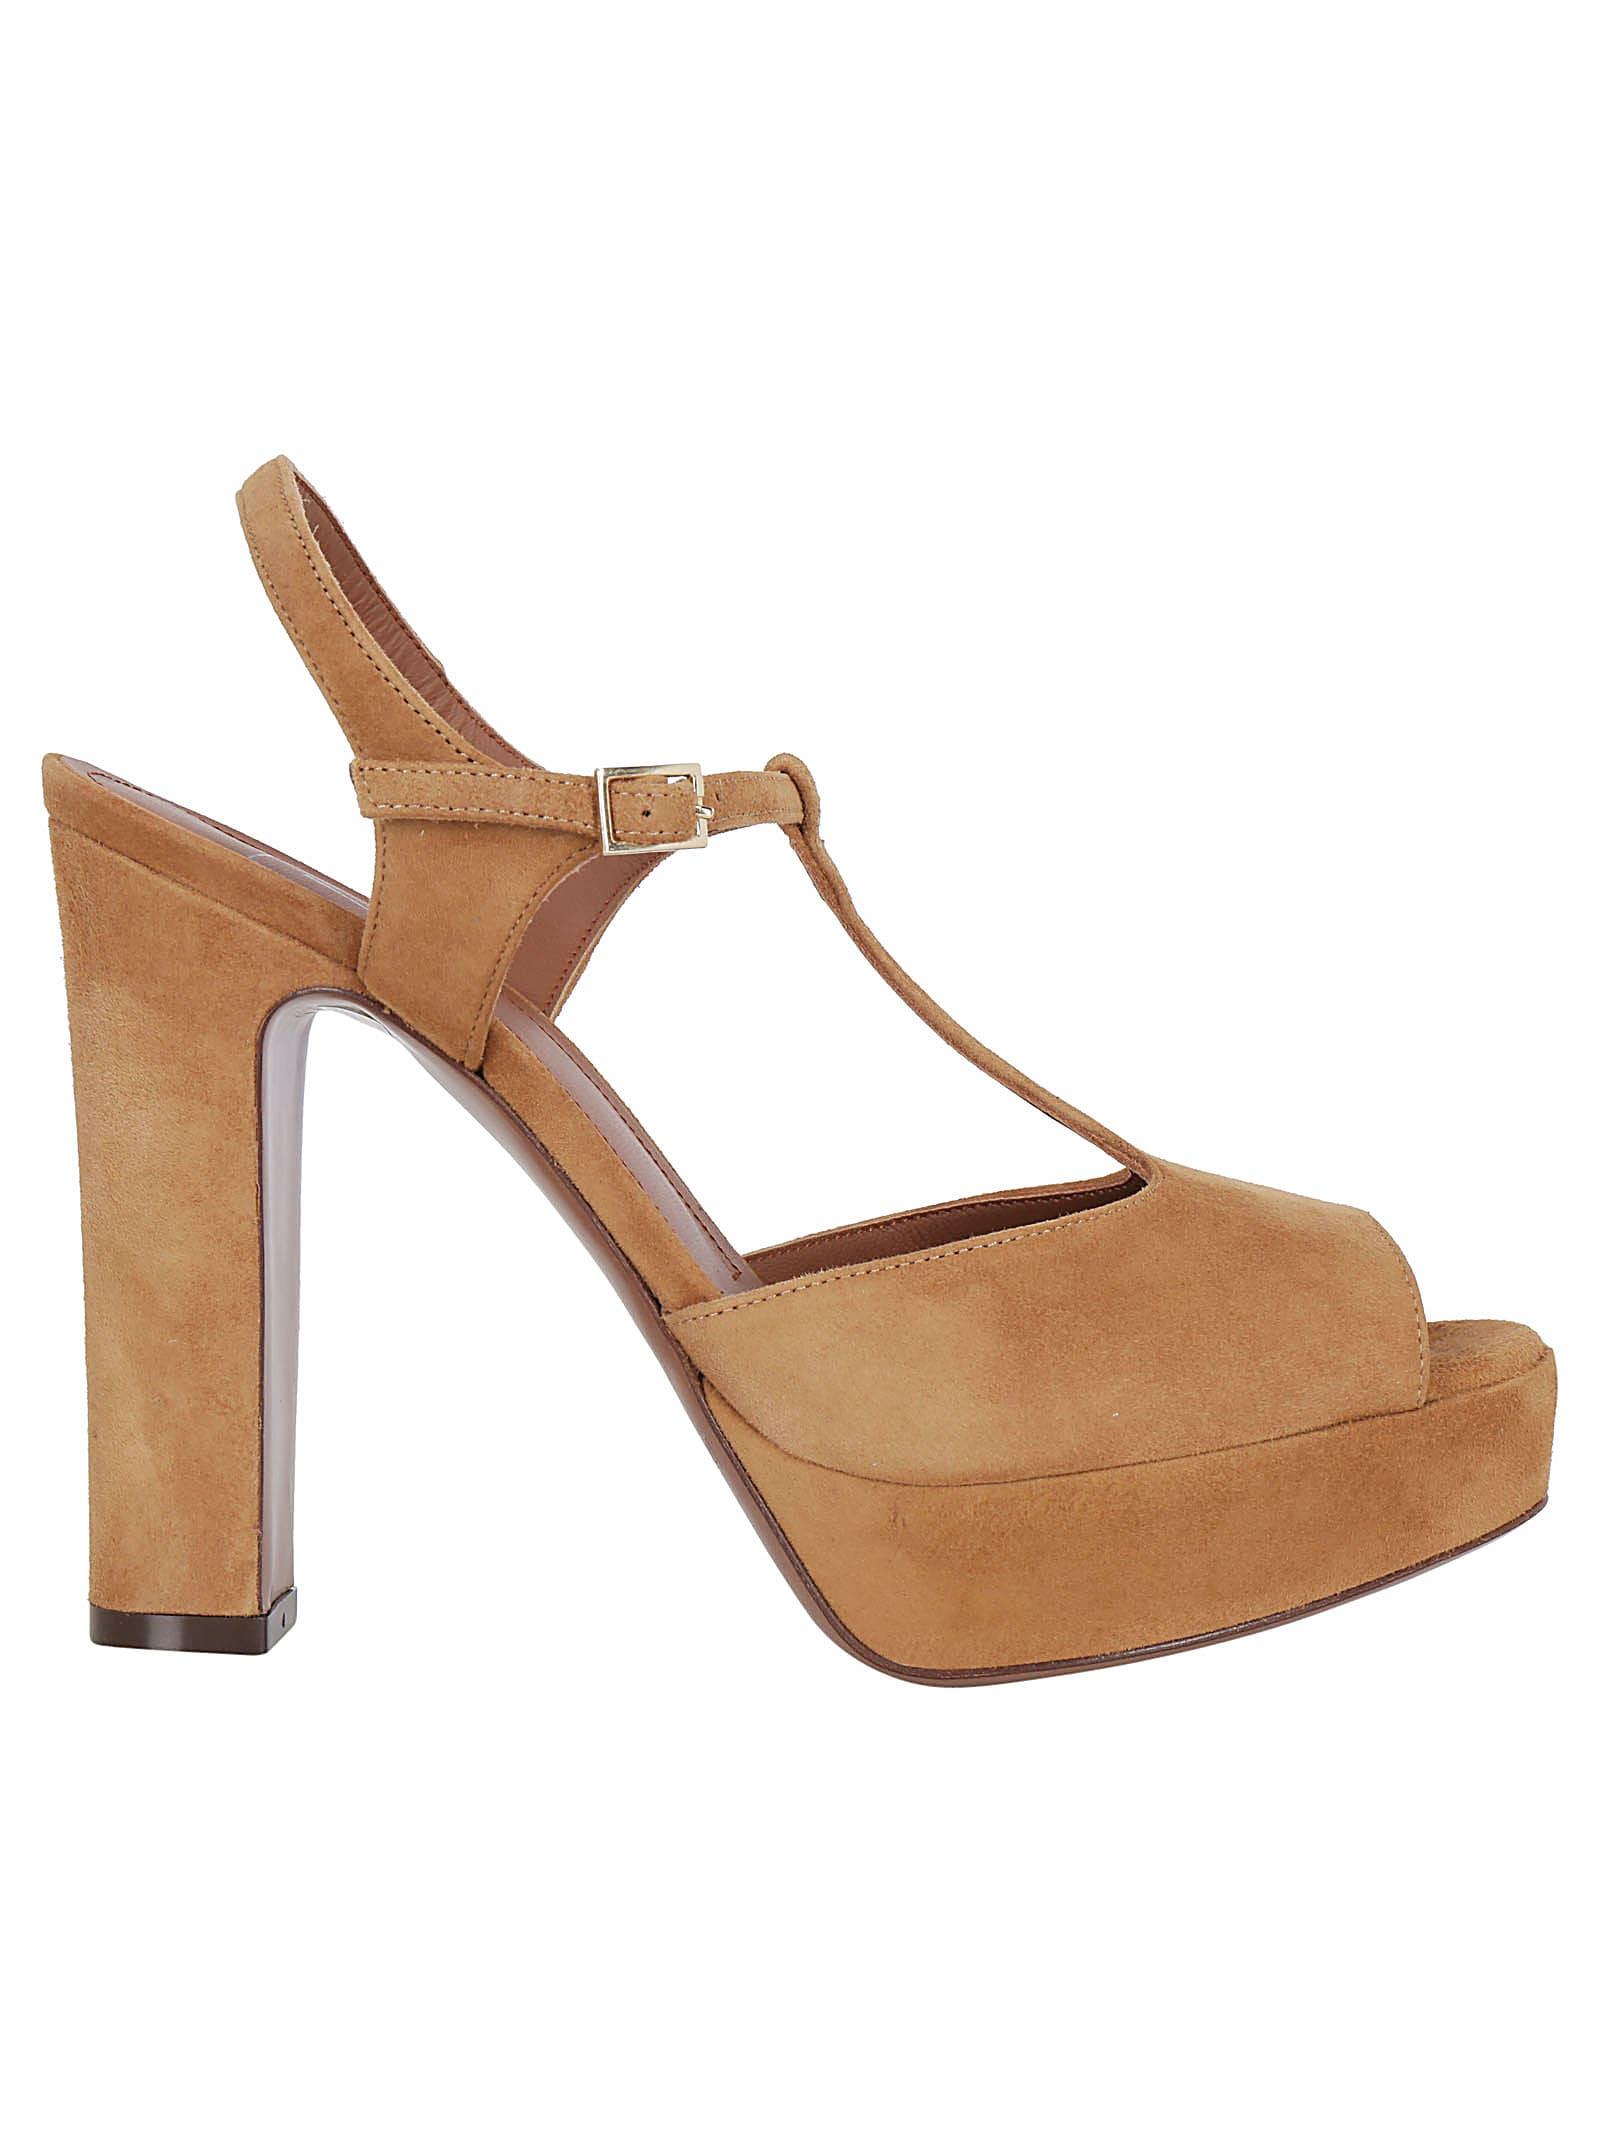 Lautre Chose Sandals